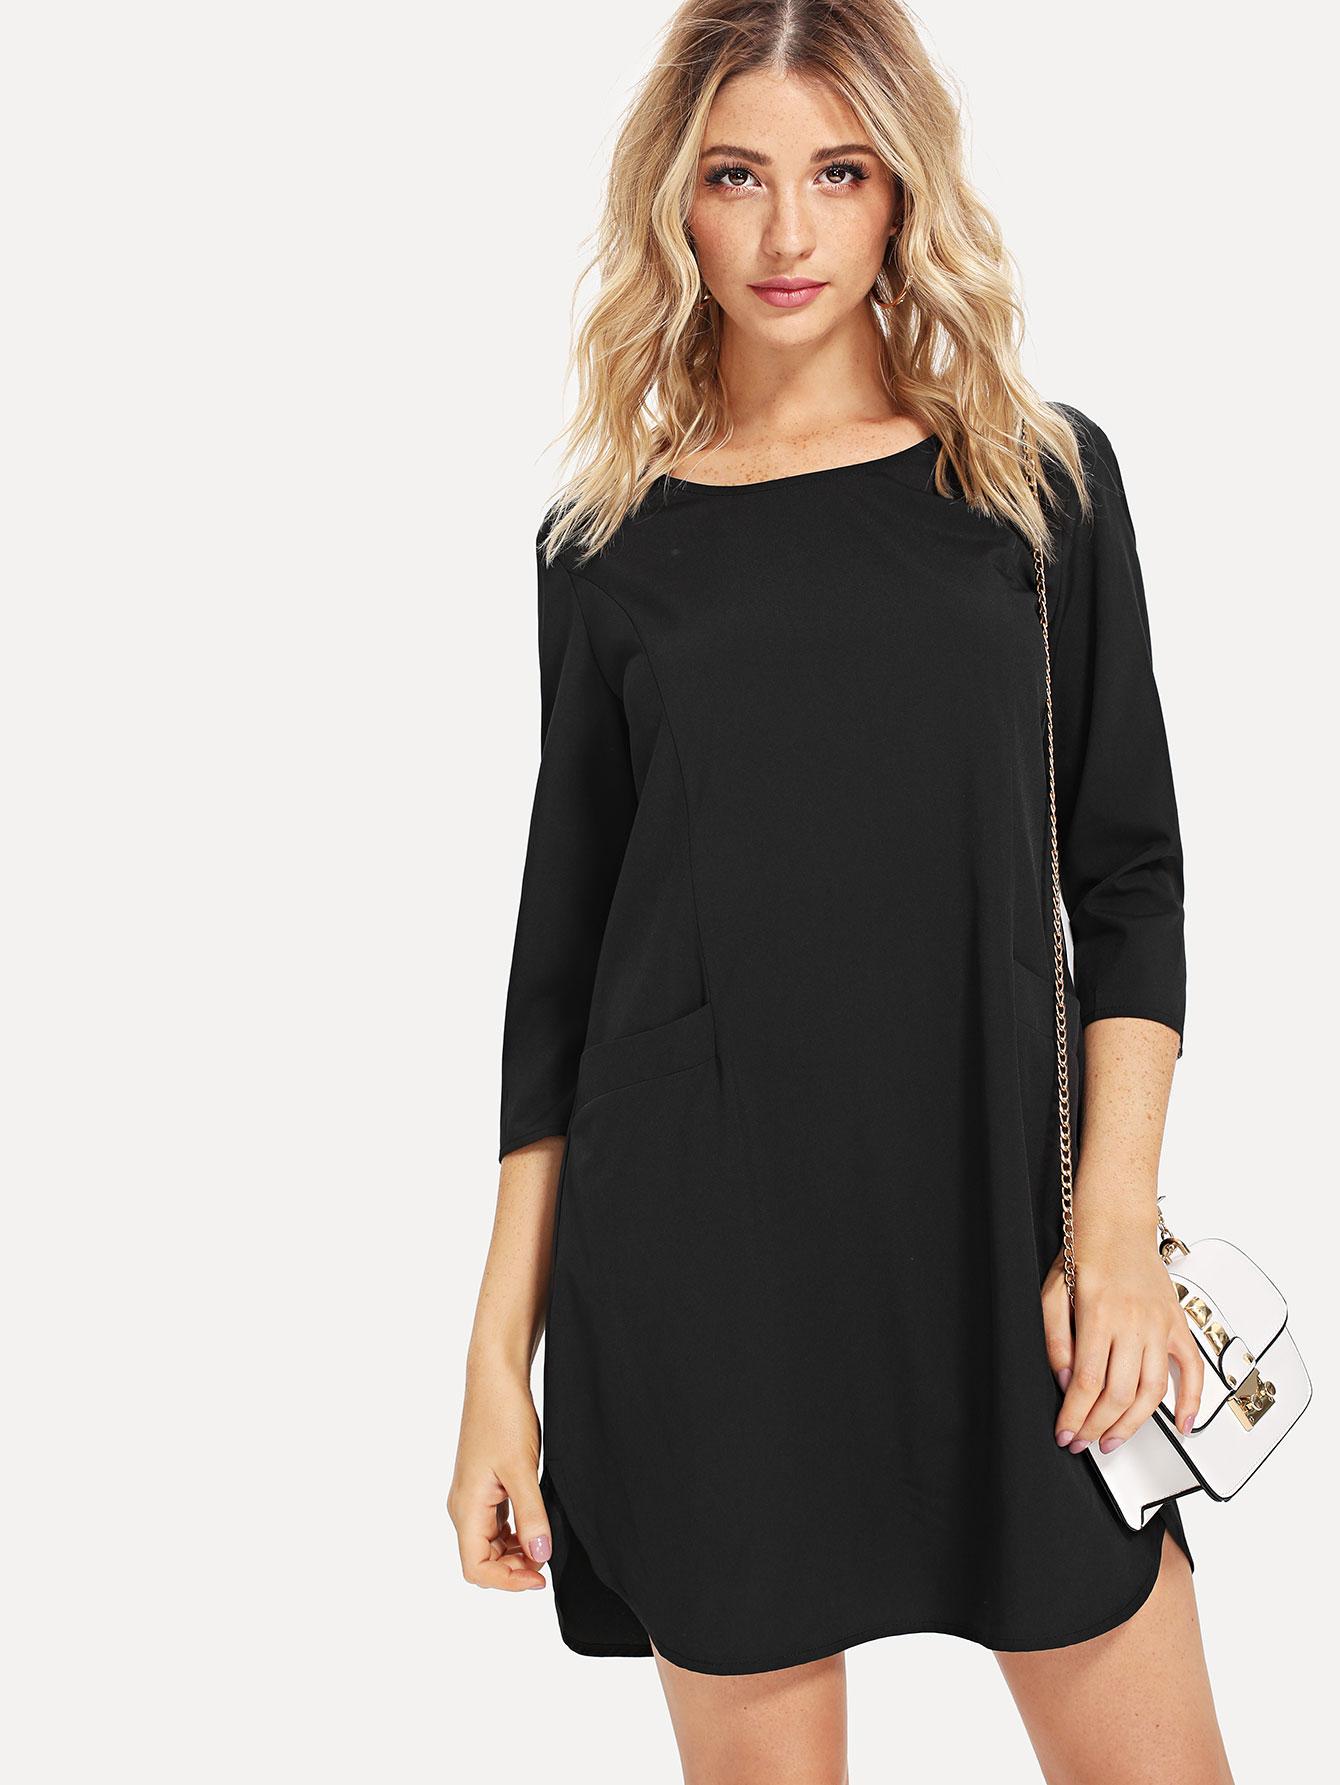 Keyhole Back Pocket Front Curved Hem Dress pocket front curved hem wrap trench dress